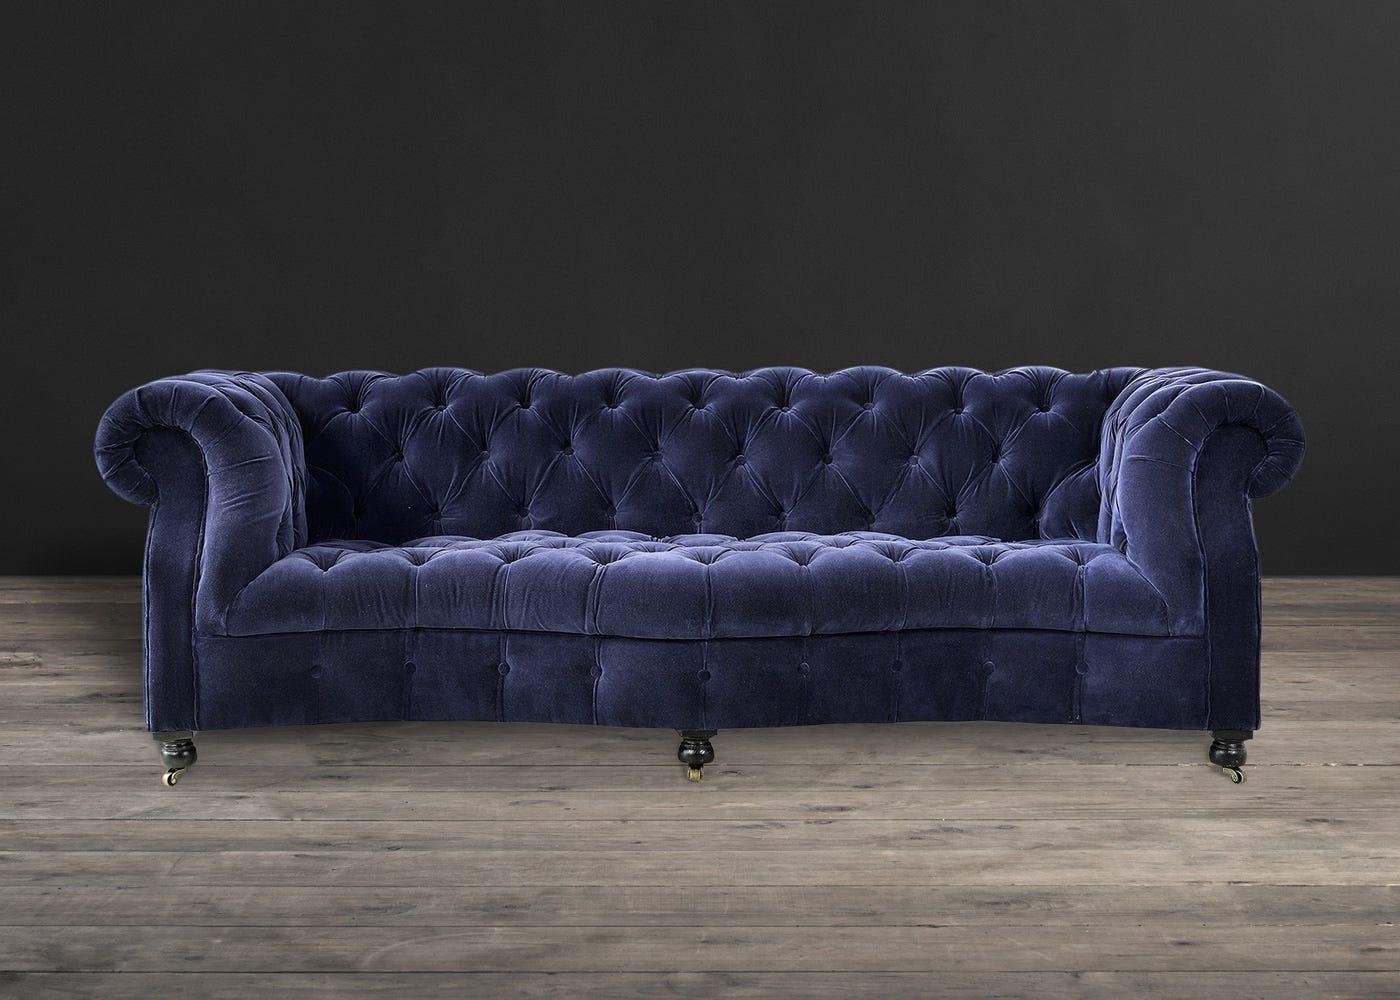 Serpentine 3 Seater Sofa Revival Velvet Navy